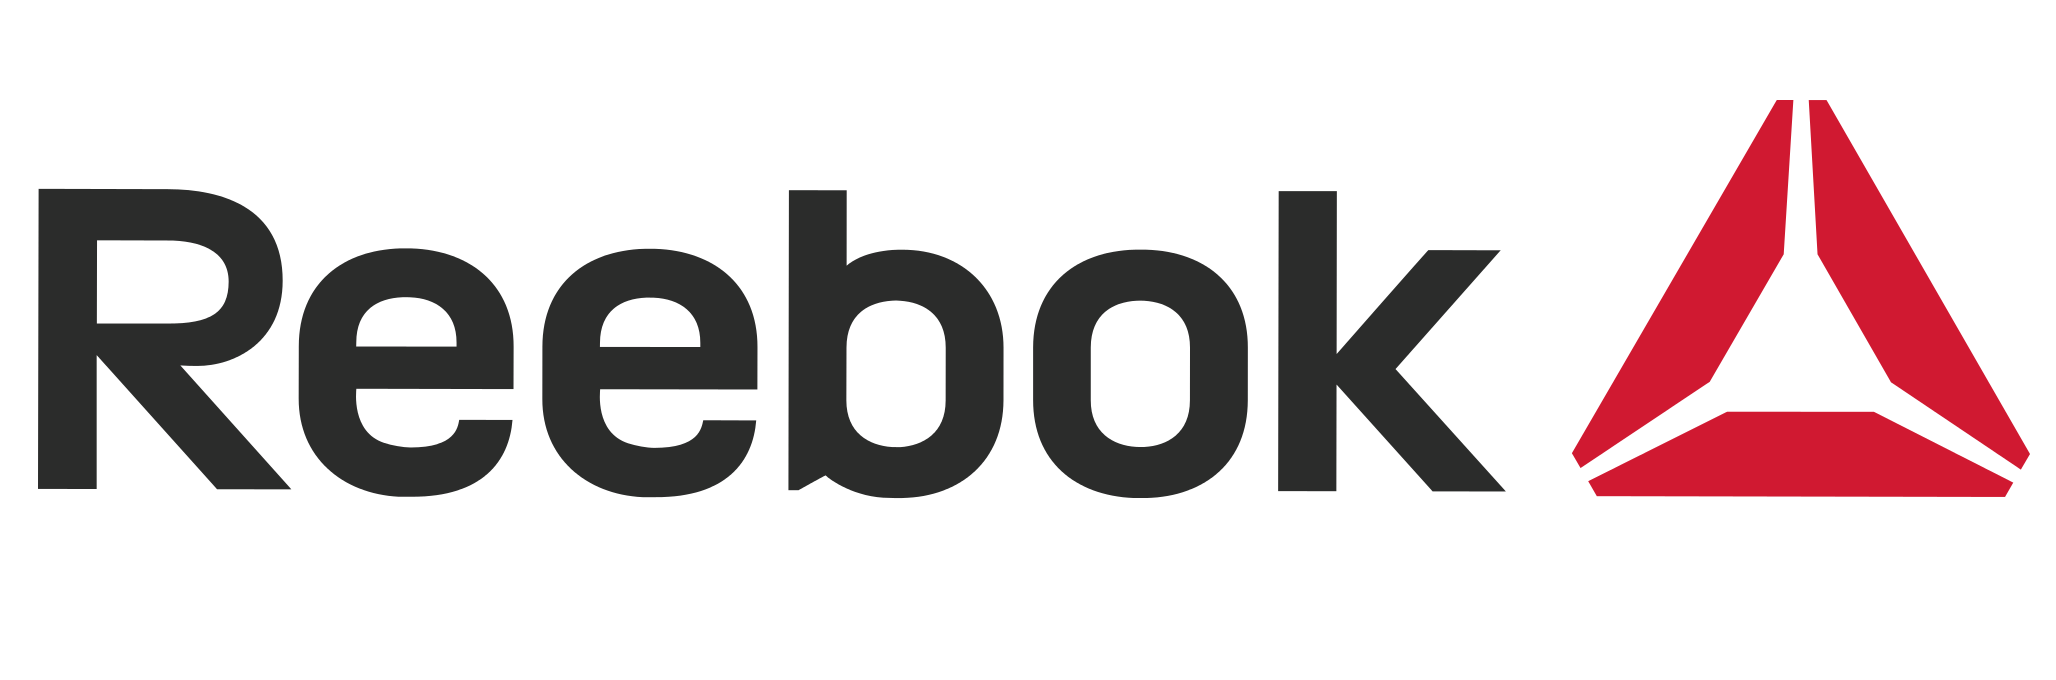 7de1a24118b Reebok Women s YourFlex Trainette 10 Shoe (Blue Slate Cloud Grey Digital  Pink White)  17.99. Deal Image. Deal Image